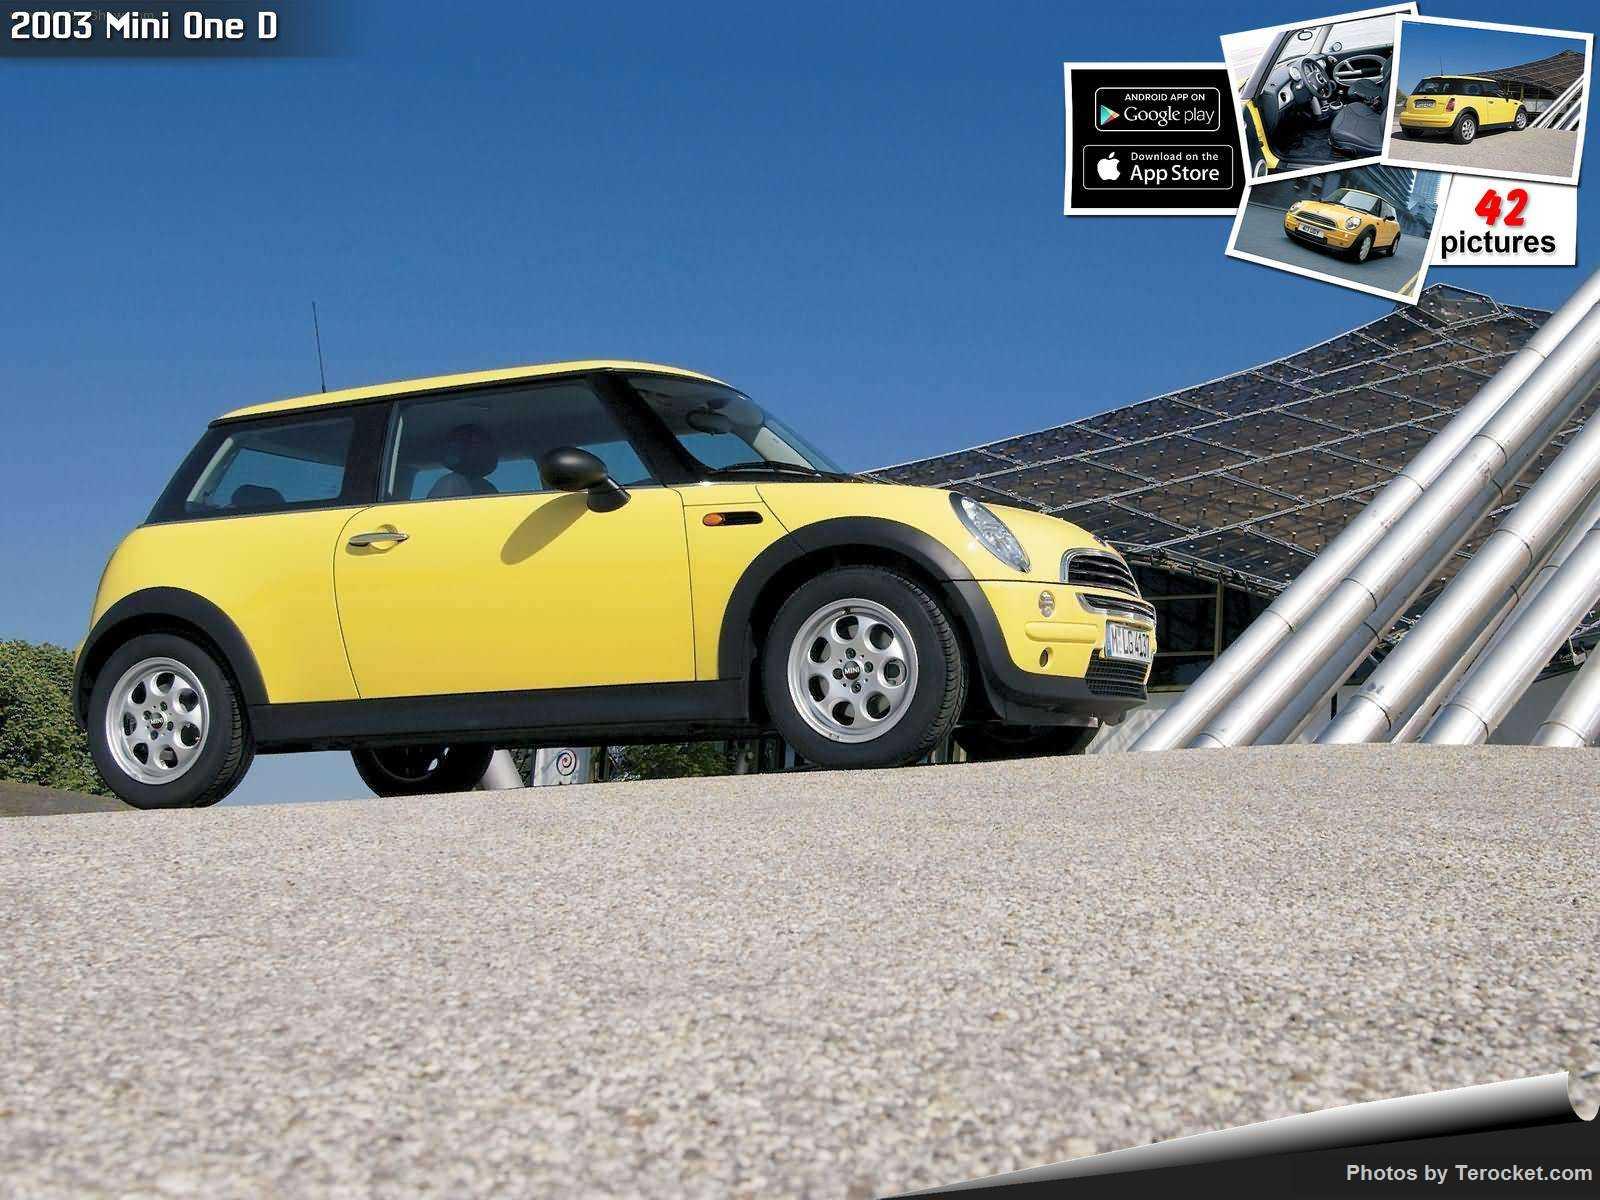 Hình ảnh xe ô tô Mini One D 2003 & nội ngoại thất